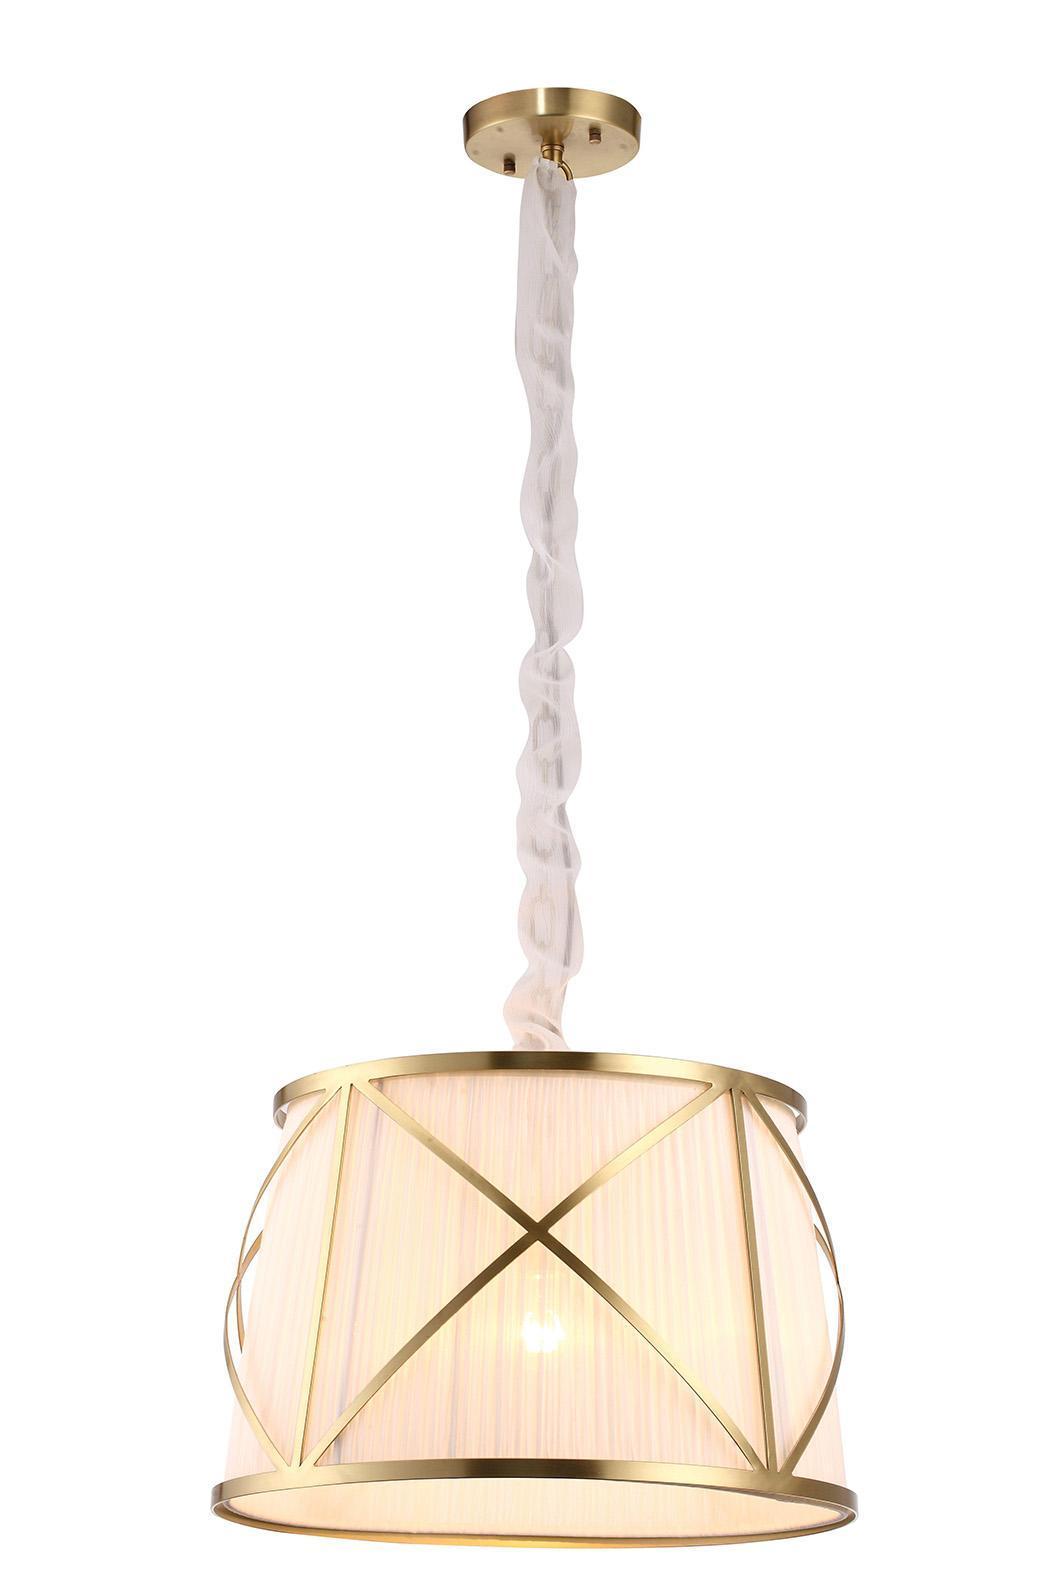 Настенный светильник ARTE LAMP VITRUVIO A2805SP-1WHA2805SP-1WHДелая ремонт или меняя интерьер с помощью люстры и других светильников из одной коллекции можно преобразить любое помещение. Выбирая люстру в дом нужно учитывать как технические особенности своего помещения, комнаты, так и общий интерьер. 1xE27 100W Материал: Арматура: медь, ткань / Плафон:медь, ткань Цвет: Арматура: Белый / Плафон: Белый Размер: 33x50x50+87 цепь/шнур